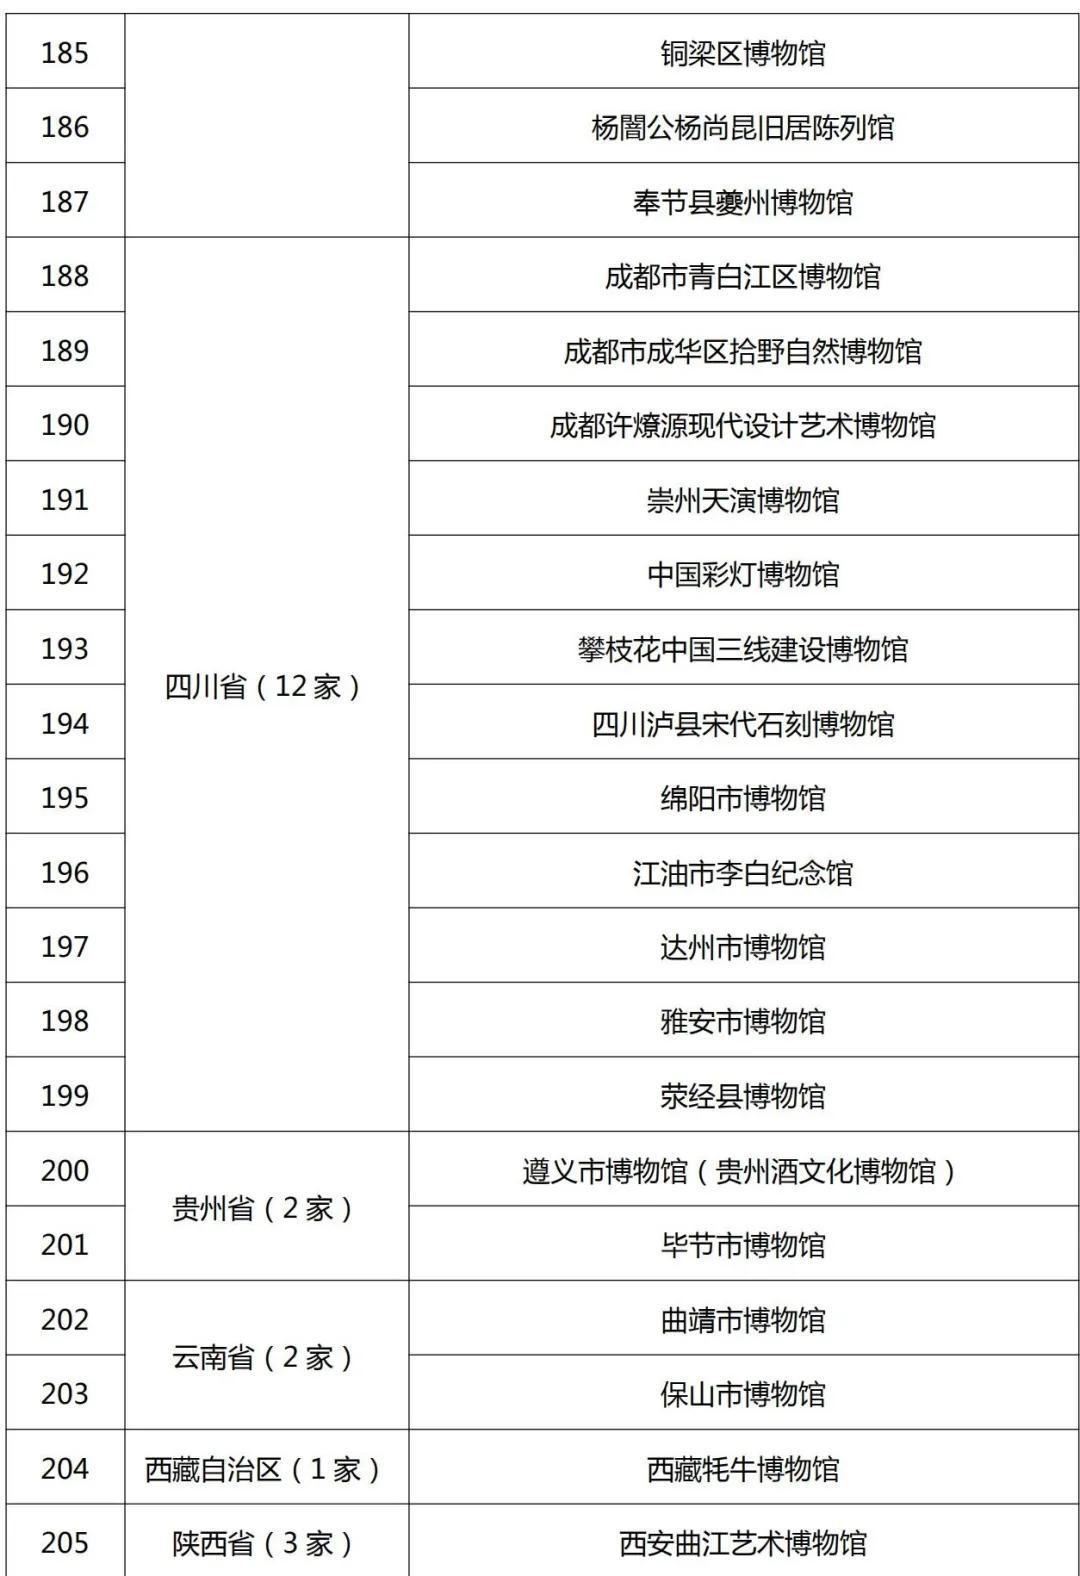 最新520家国家一二三级博物馆名单公布!渭南市博物馆晋级国家二级博物馆!